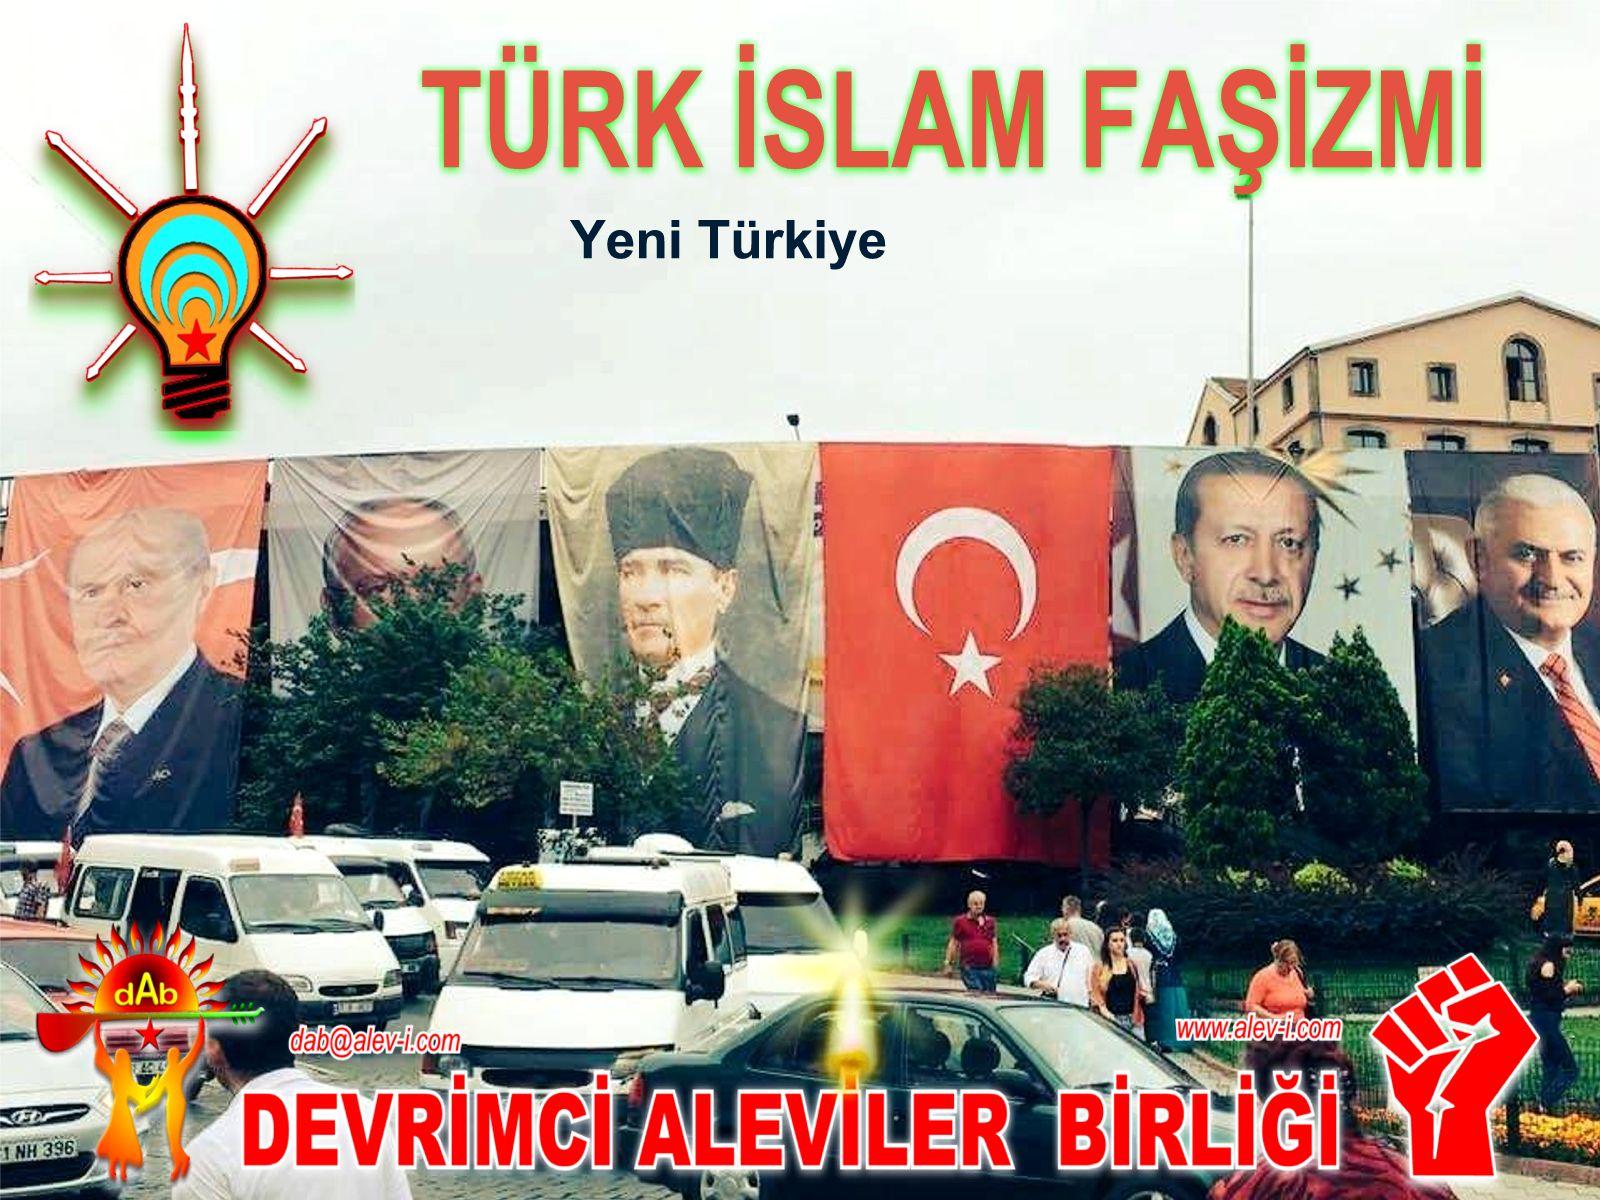 Devrimci Aleviler Birliği DAB Alevi Kızılbaş Bektaşi pir sultan cem hz Ali 12 imam semah Feramuz Şah Acar turk islam fasismiz birligi yeni tc